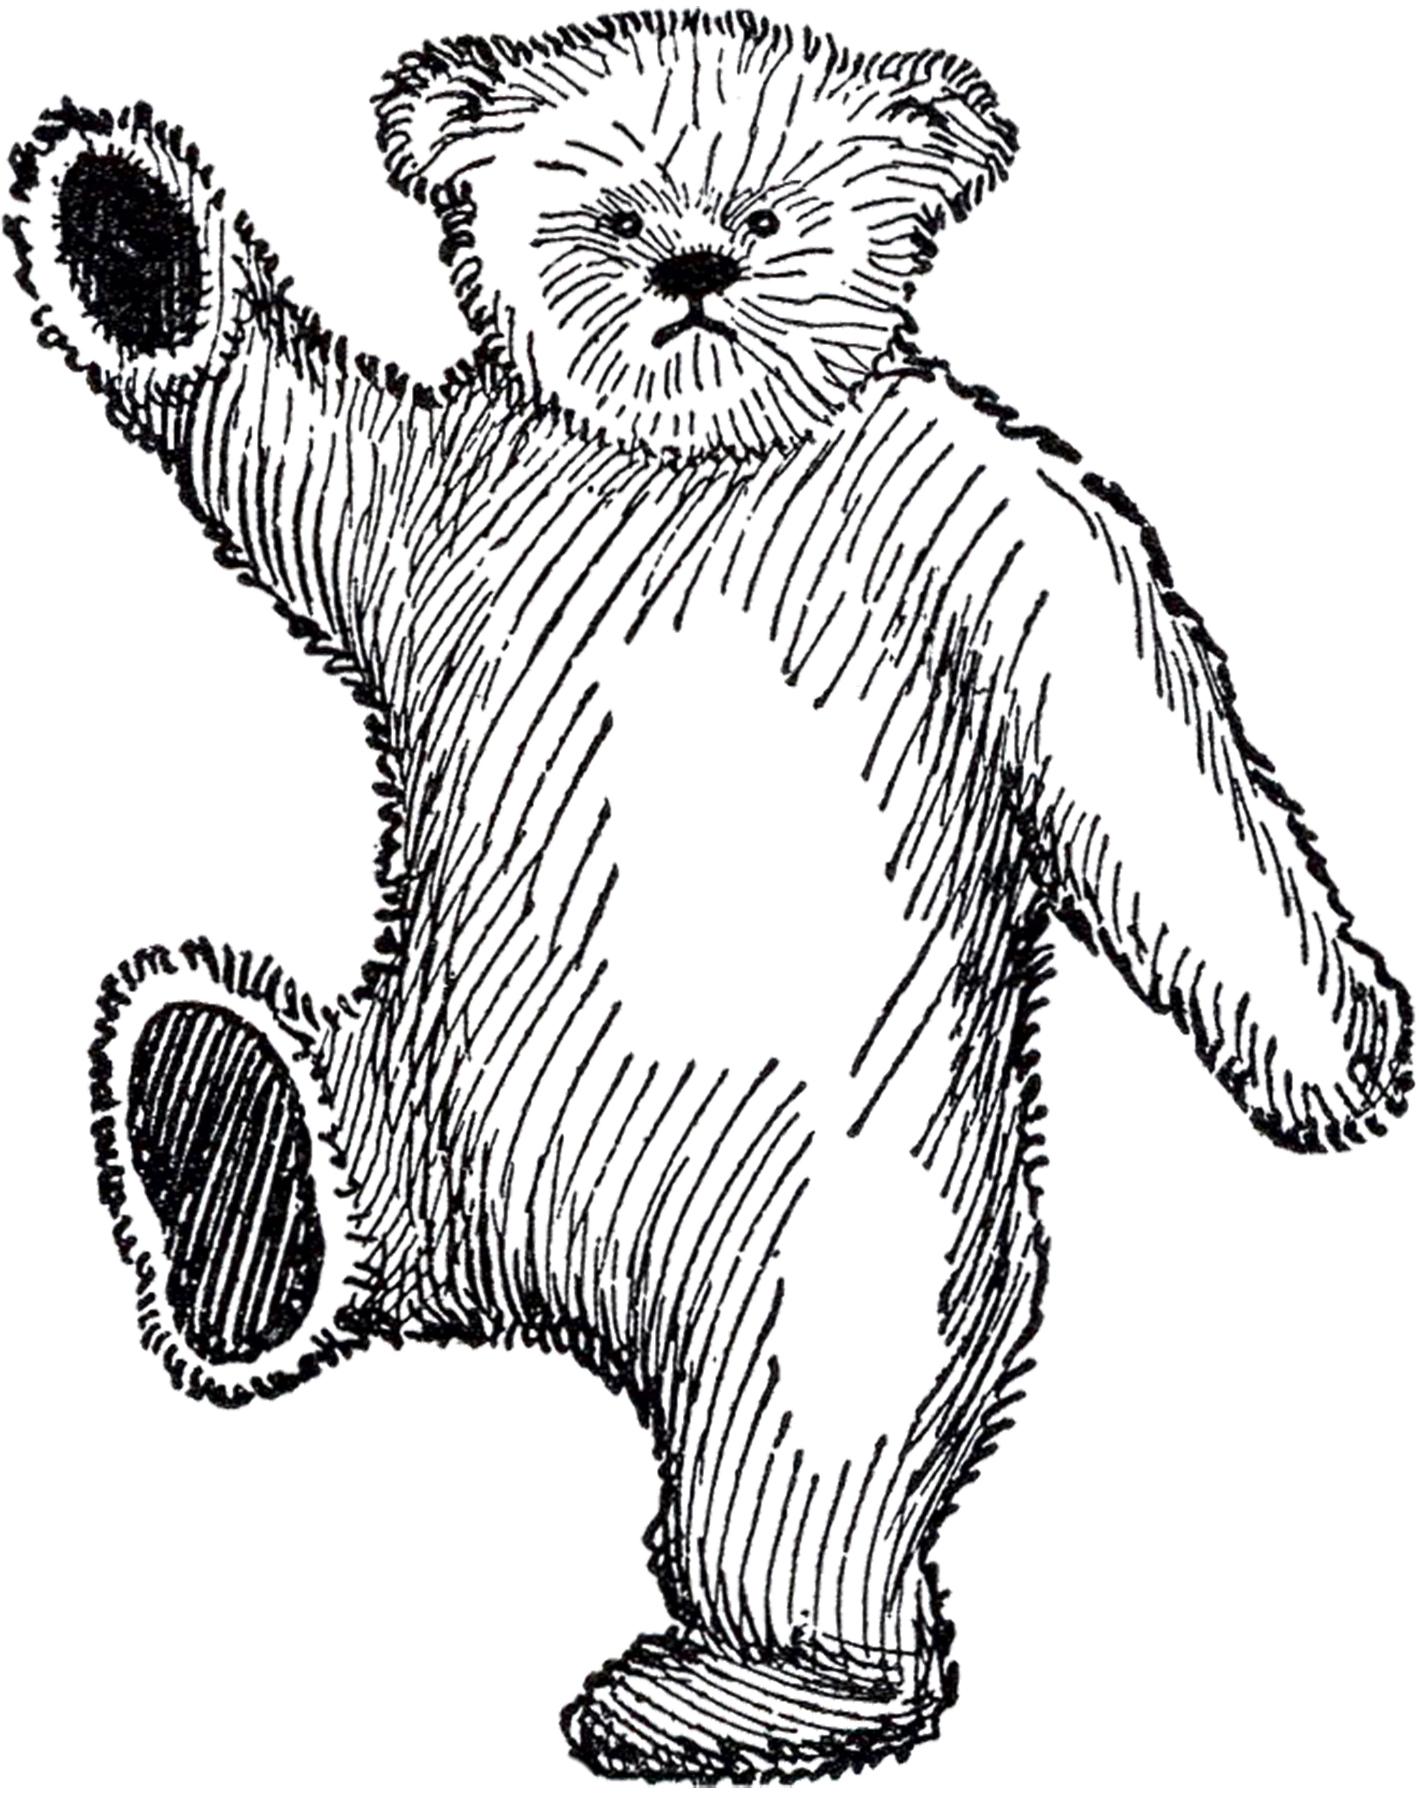 Public Domain Teddy Bear Image